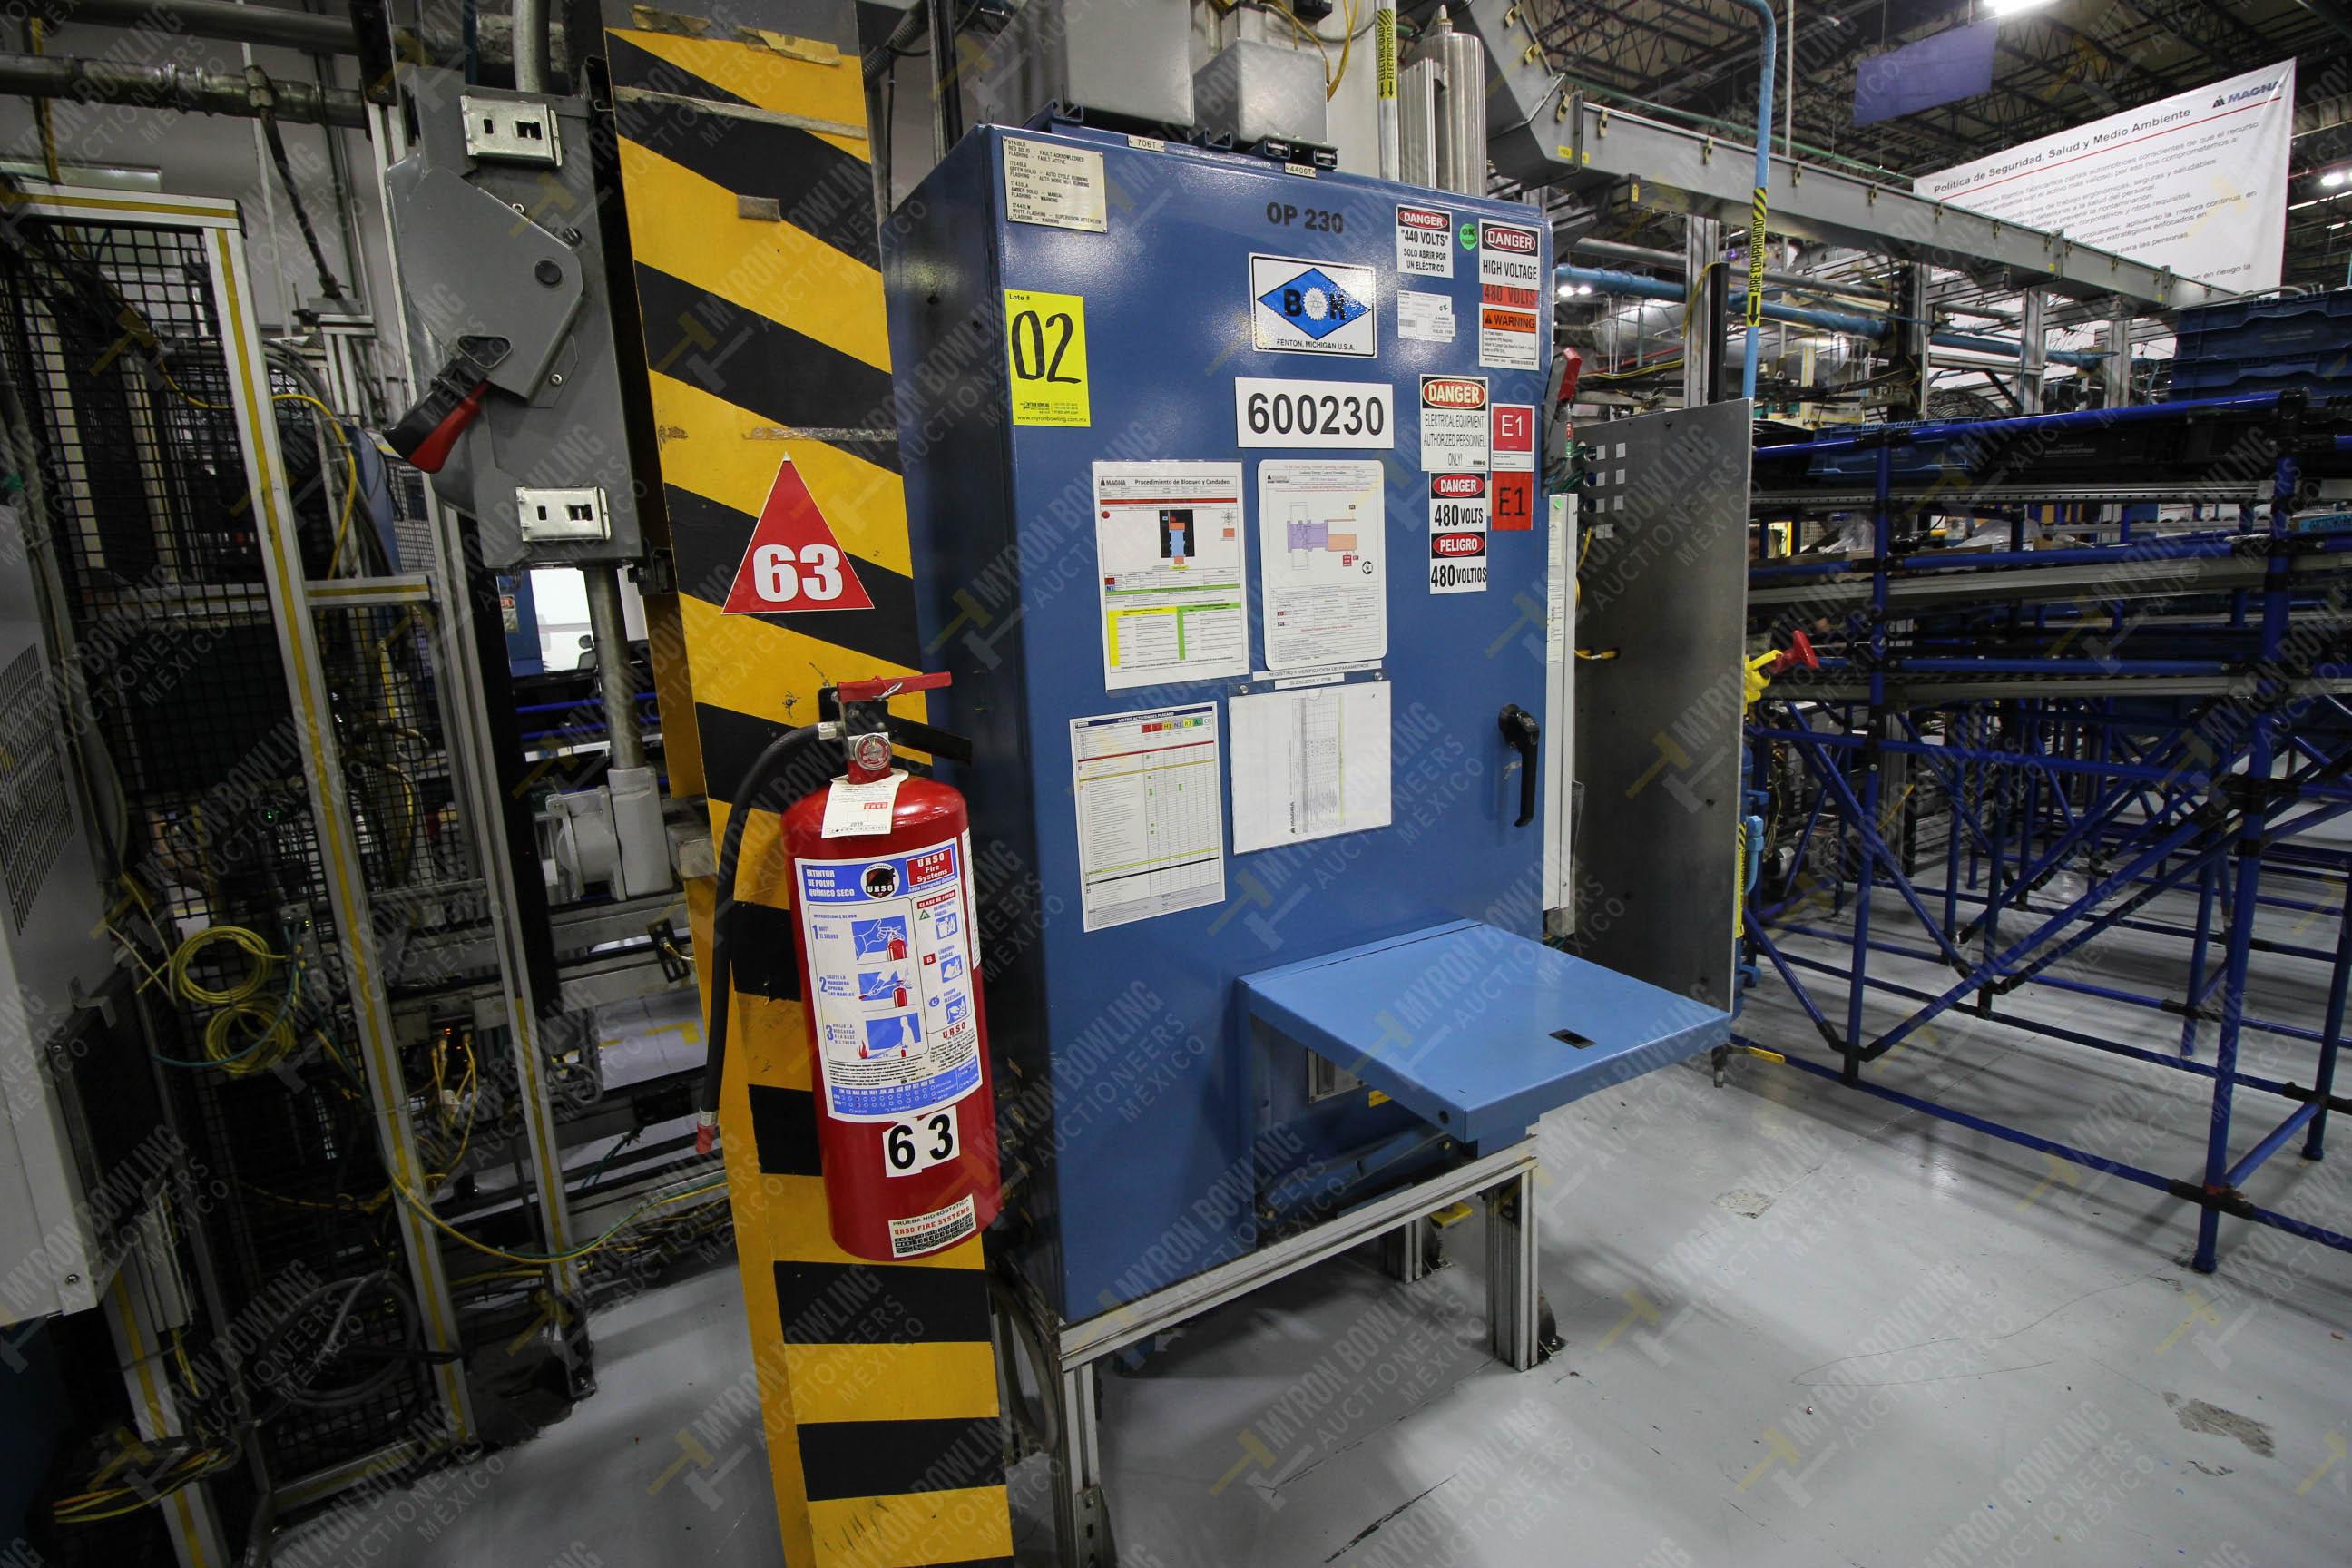 Estación automática para operación 230, para medición de gap - Image 27 of 36